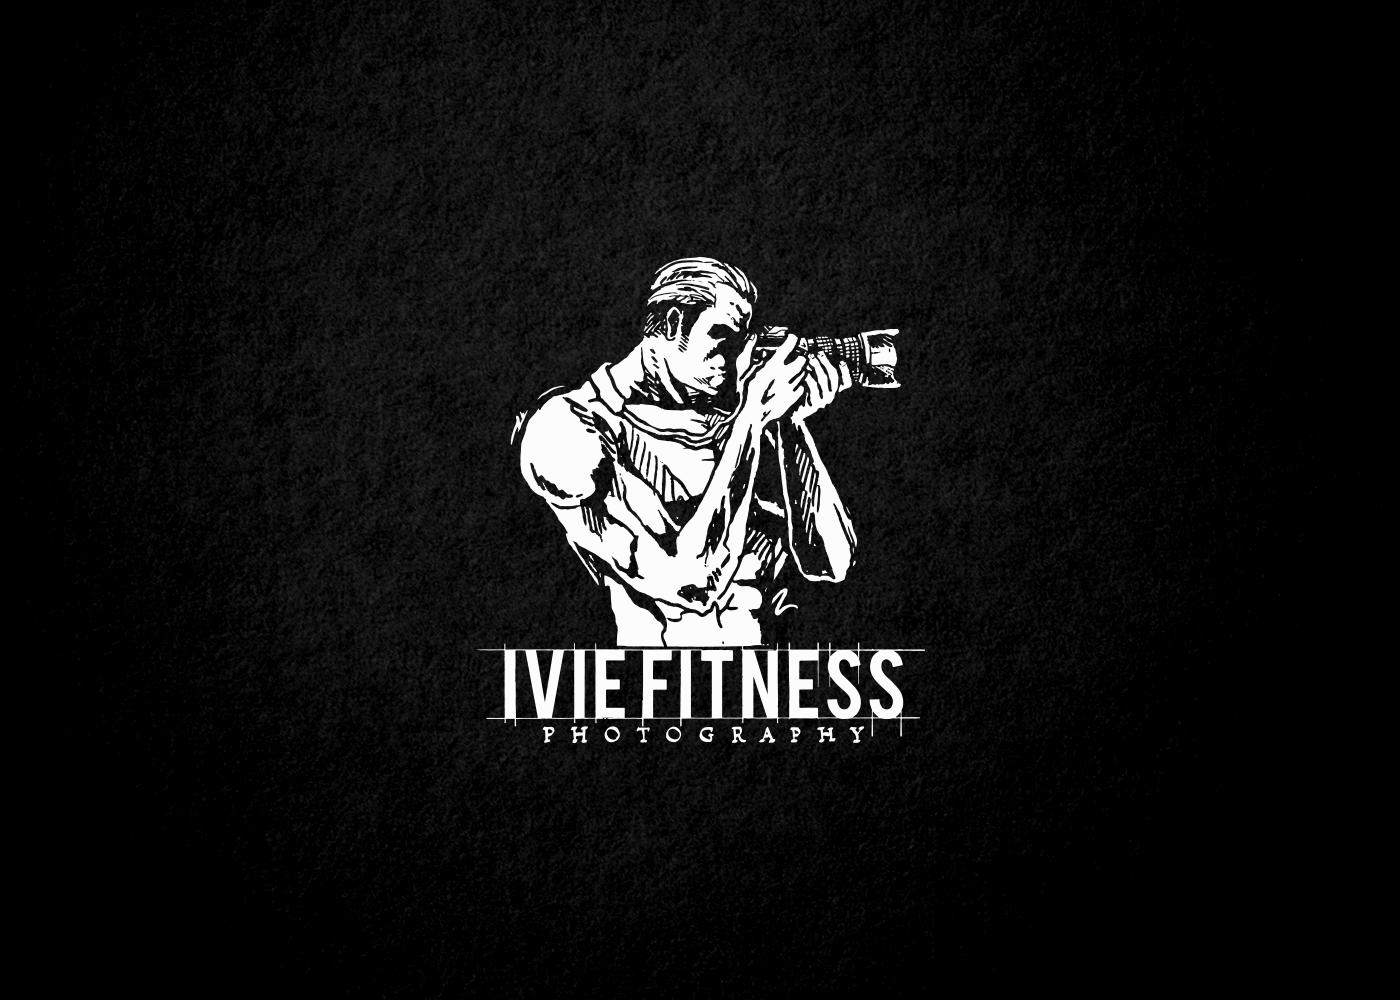 Design a masculine logo for Fitness Photographer ($25 Labor Day bonus for winner)